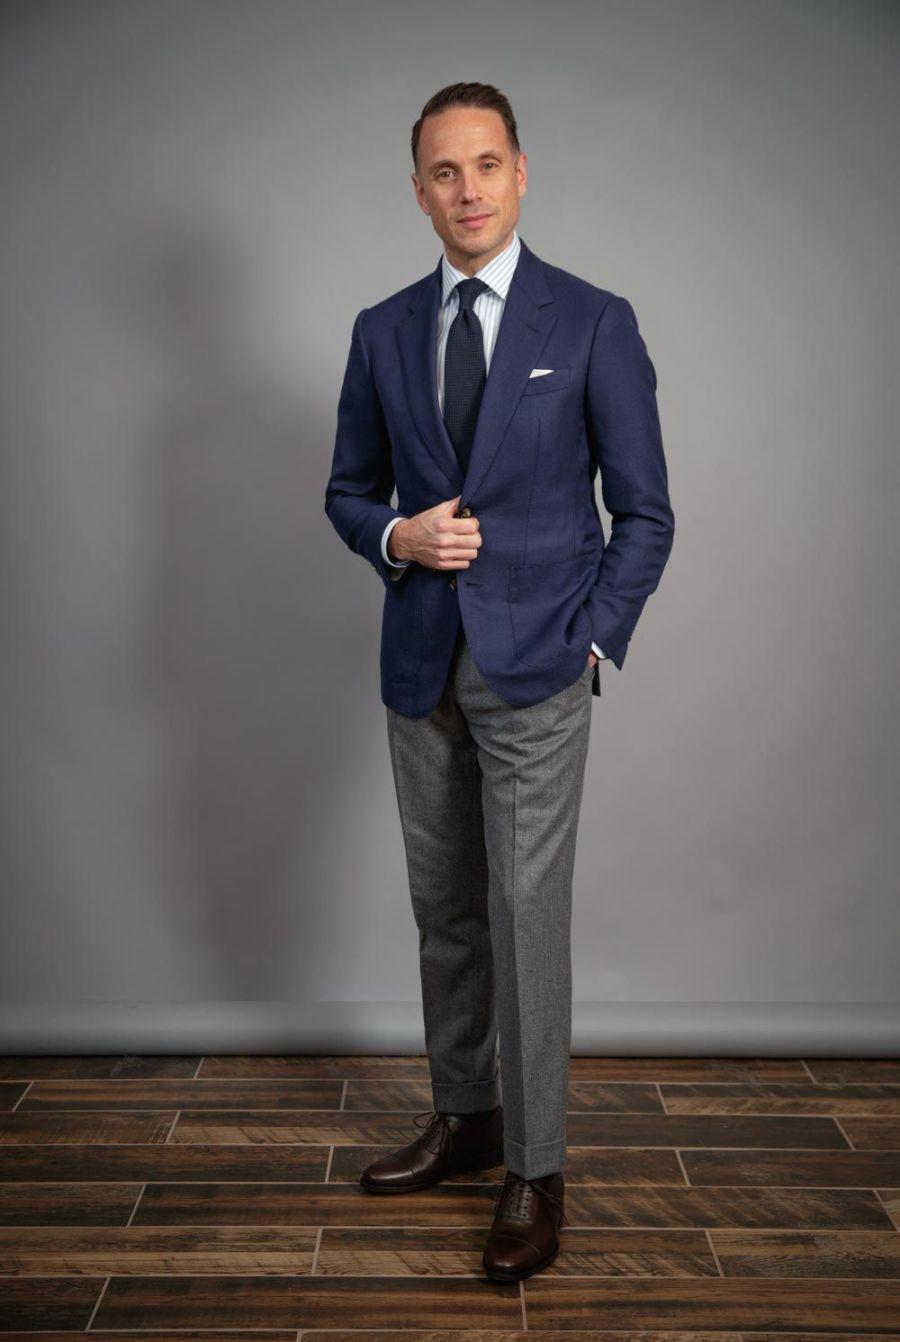 capsule-wardrobe-2021-menswear-uniform-grey-trousers-hopsack-jacket